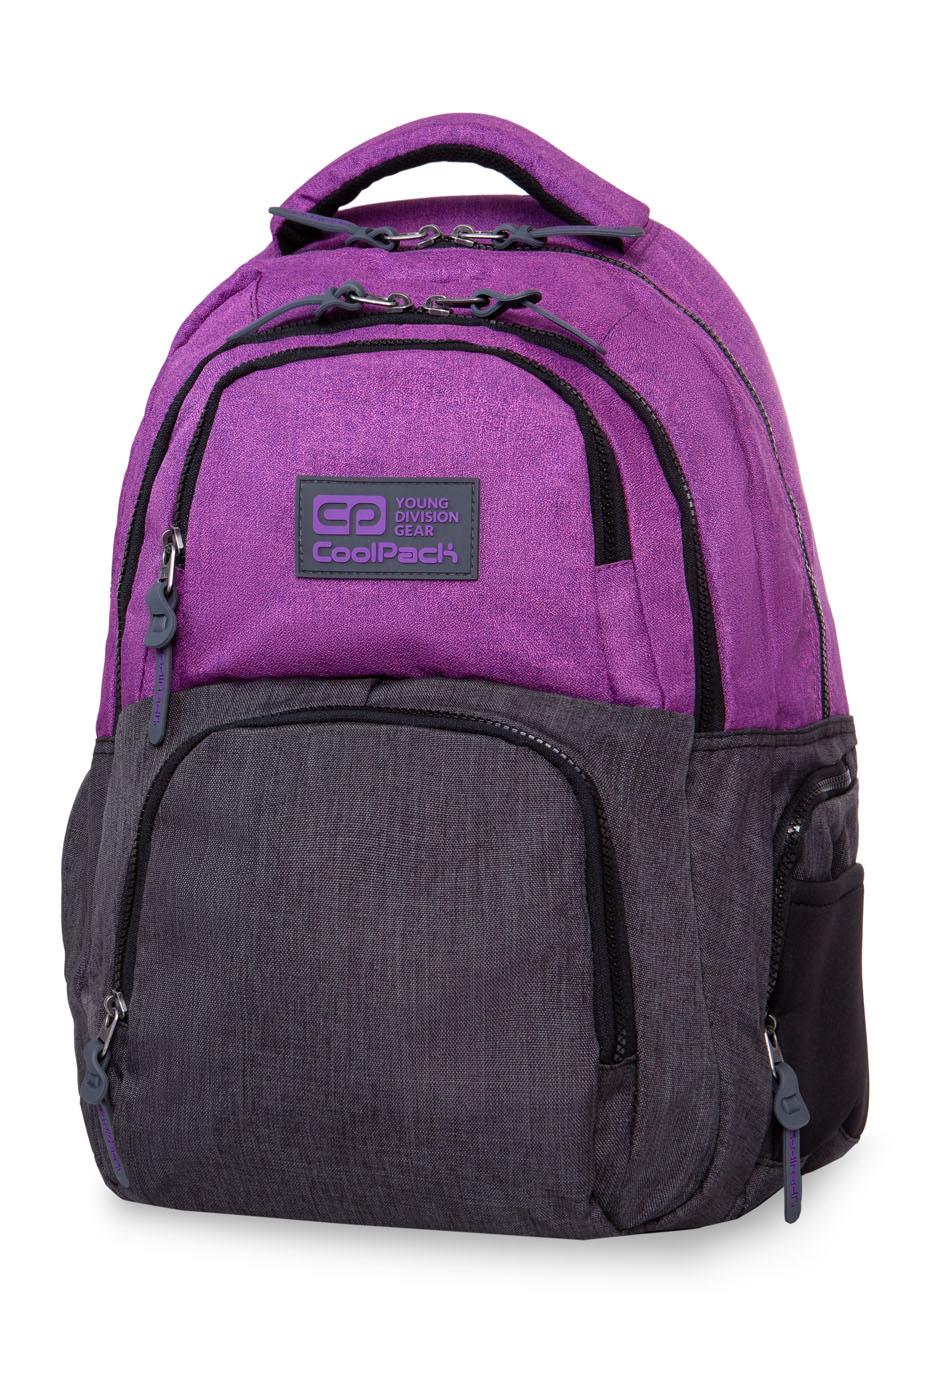 Coolpack - aero - youth backpack - melange purple